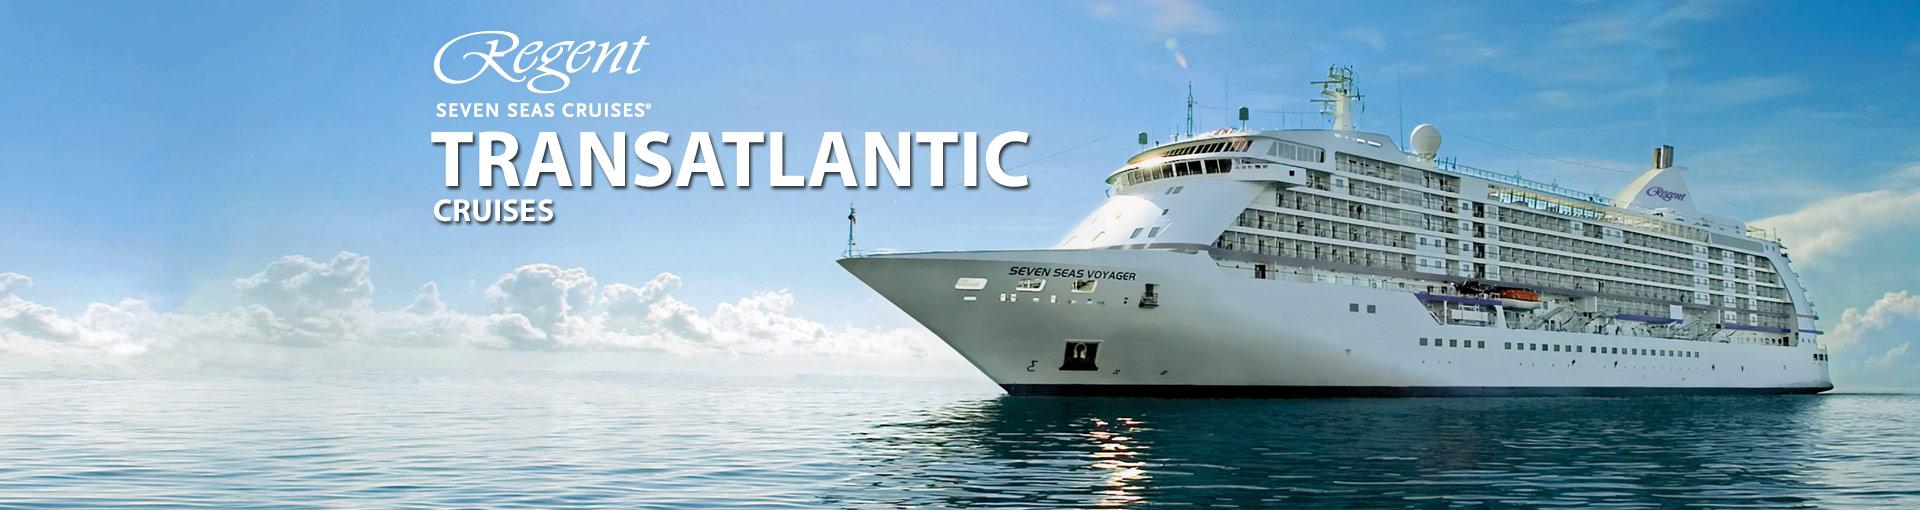 Regent Seven Seas Cruises Transatlantic Cruises